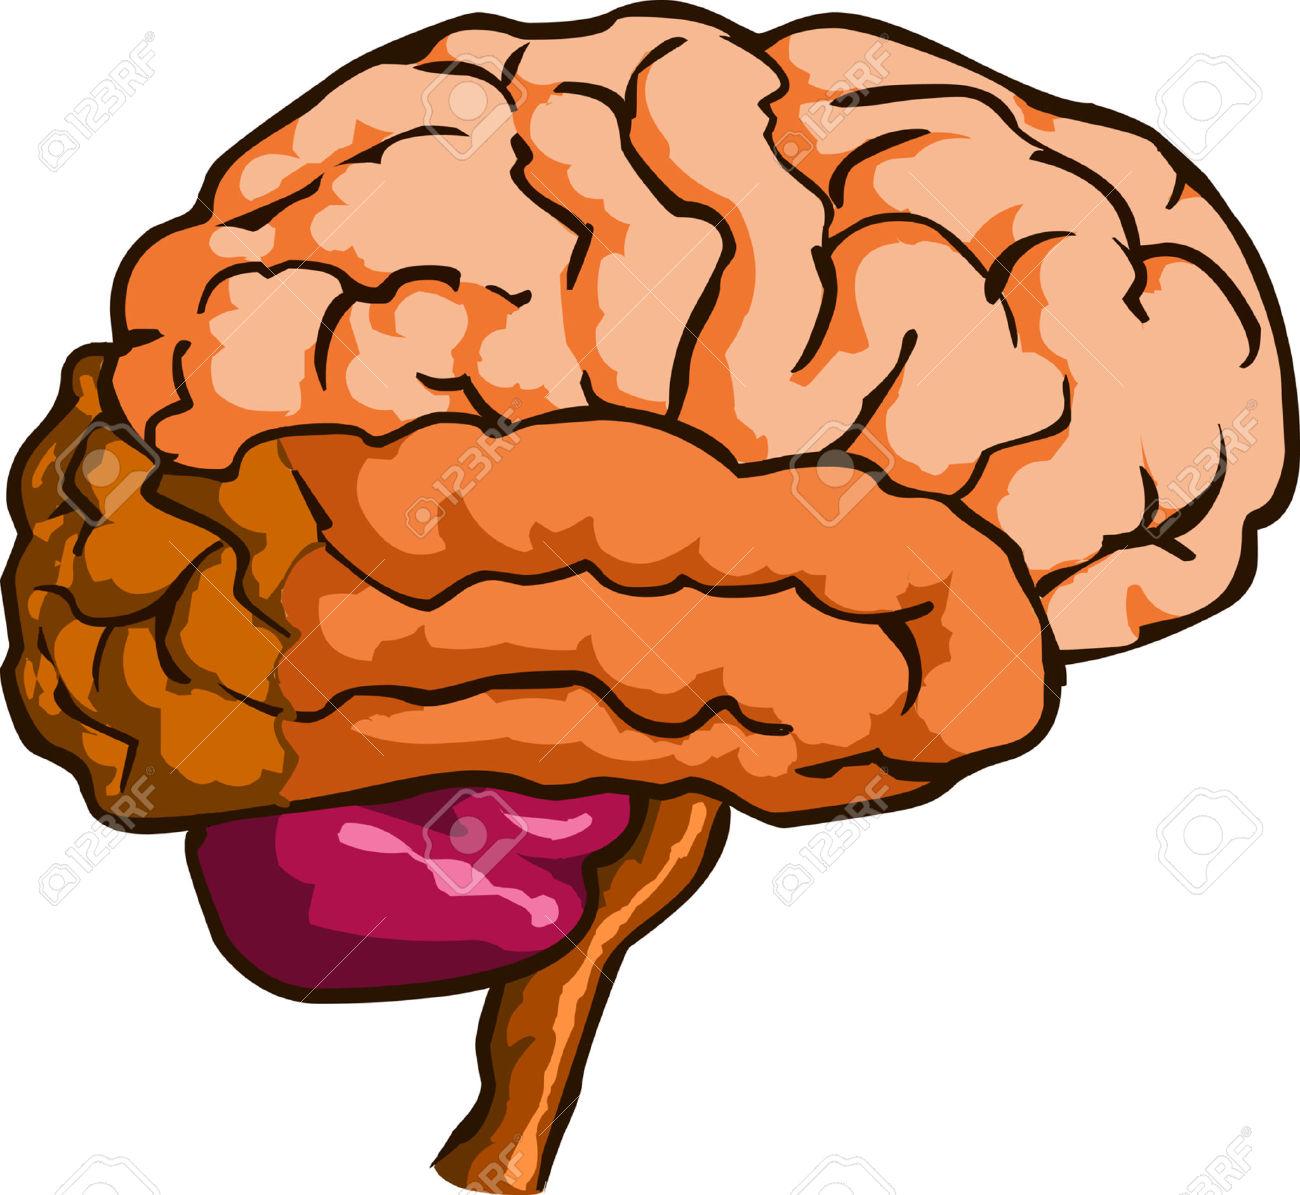 clipart brain-clipart brain-12